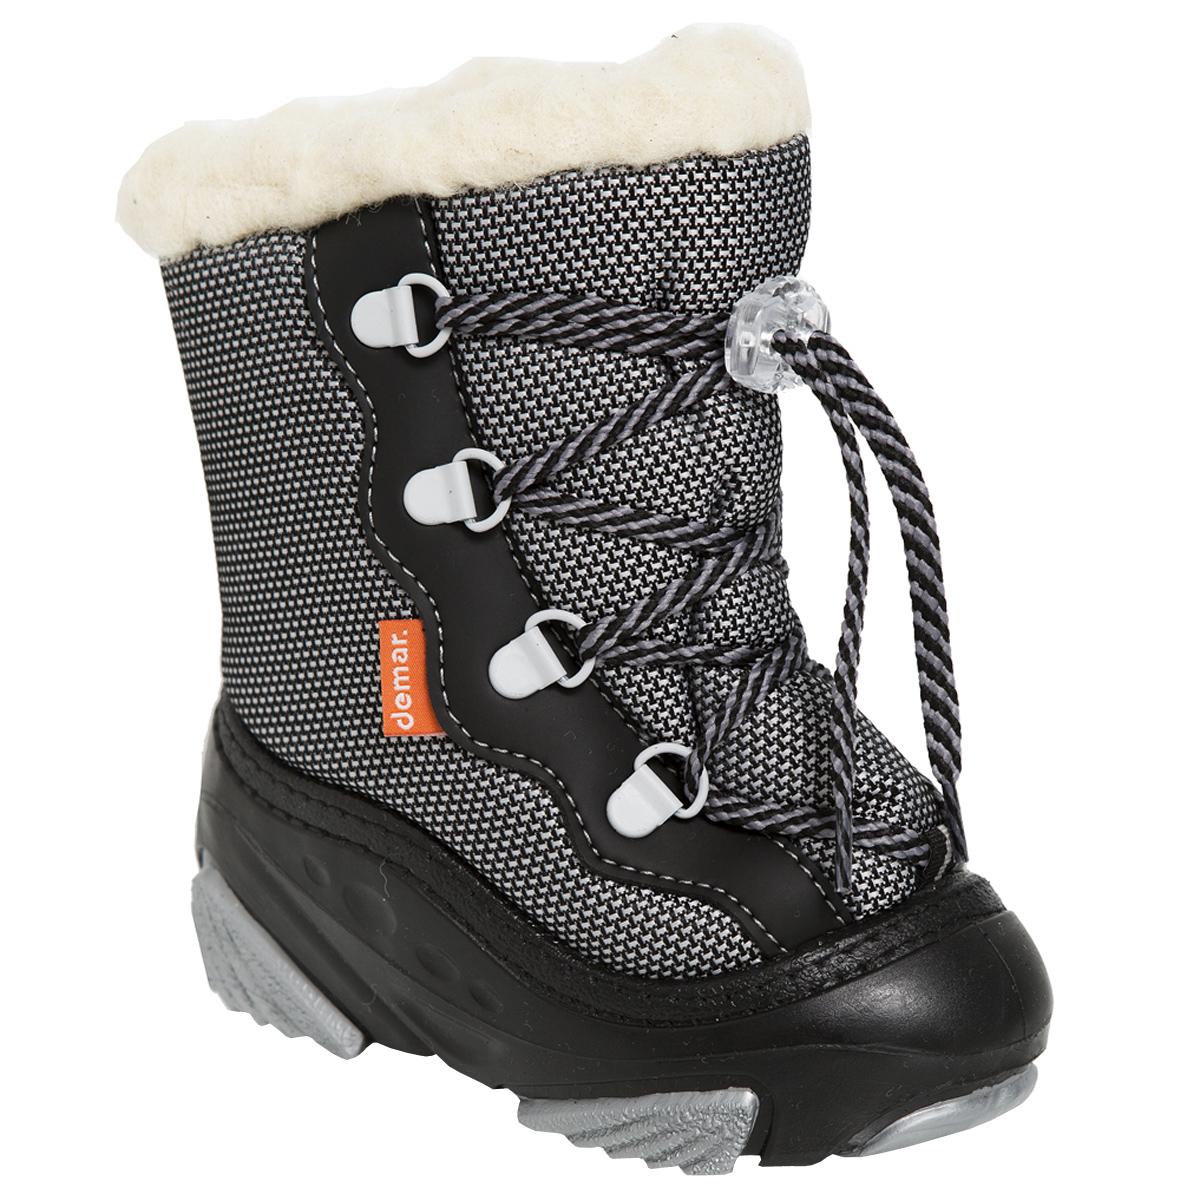 4017Стильные дутики Snow Mar от Demar придутся по вкусу вашему ребенку. Верх модели выполнен из высококачественного текстиля и ПВХ. Подкладка и стелька из натуральной шерсти, сохранят ноги в тепле. Шнуровка обеспечивает более плотное прилегание модели на ноге. Подошва с рифлением обеспечит отличное сцепление с любыми поверхностями. Удобные дутики - необходимая вещь в гардеробе вашего ребенка.